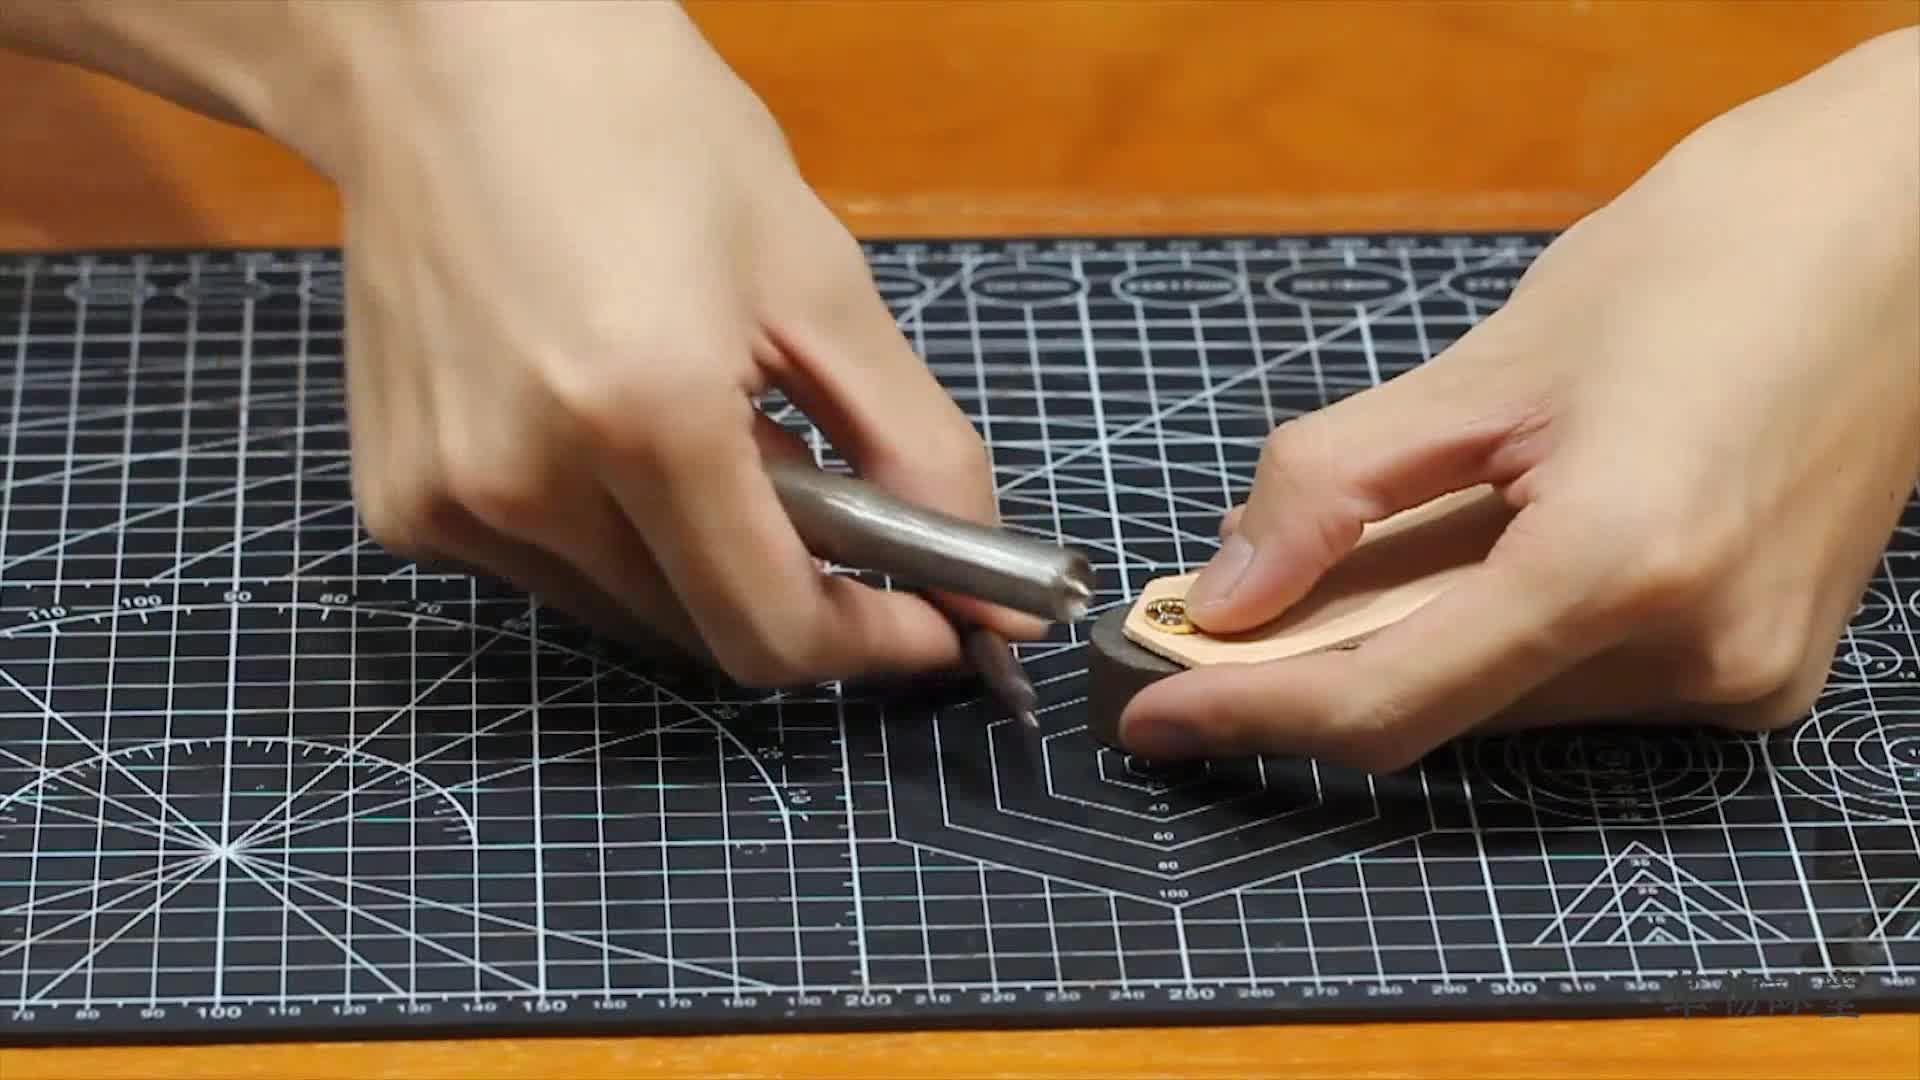 手工皮具 | 皮具四合扣的安装方法及注意点